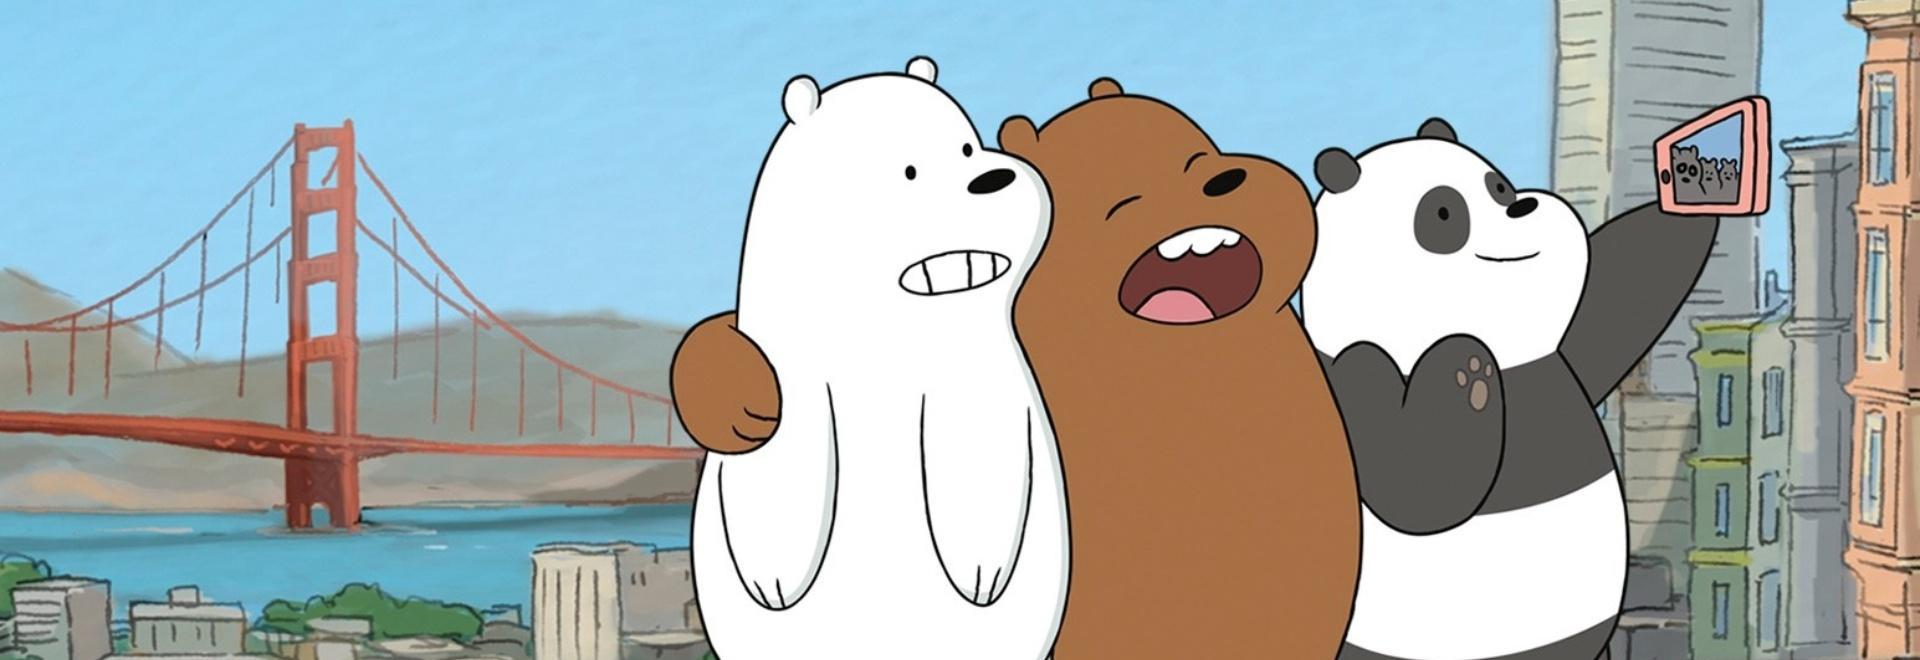 We Bare Bears - Siamo solo orsi